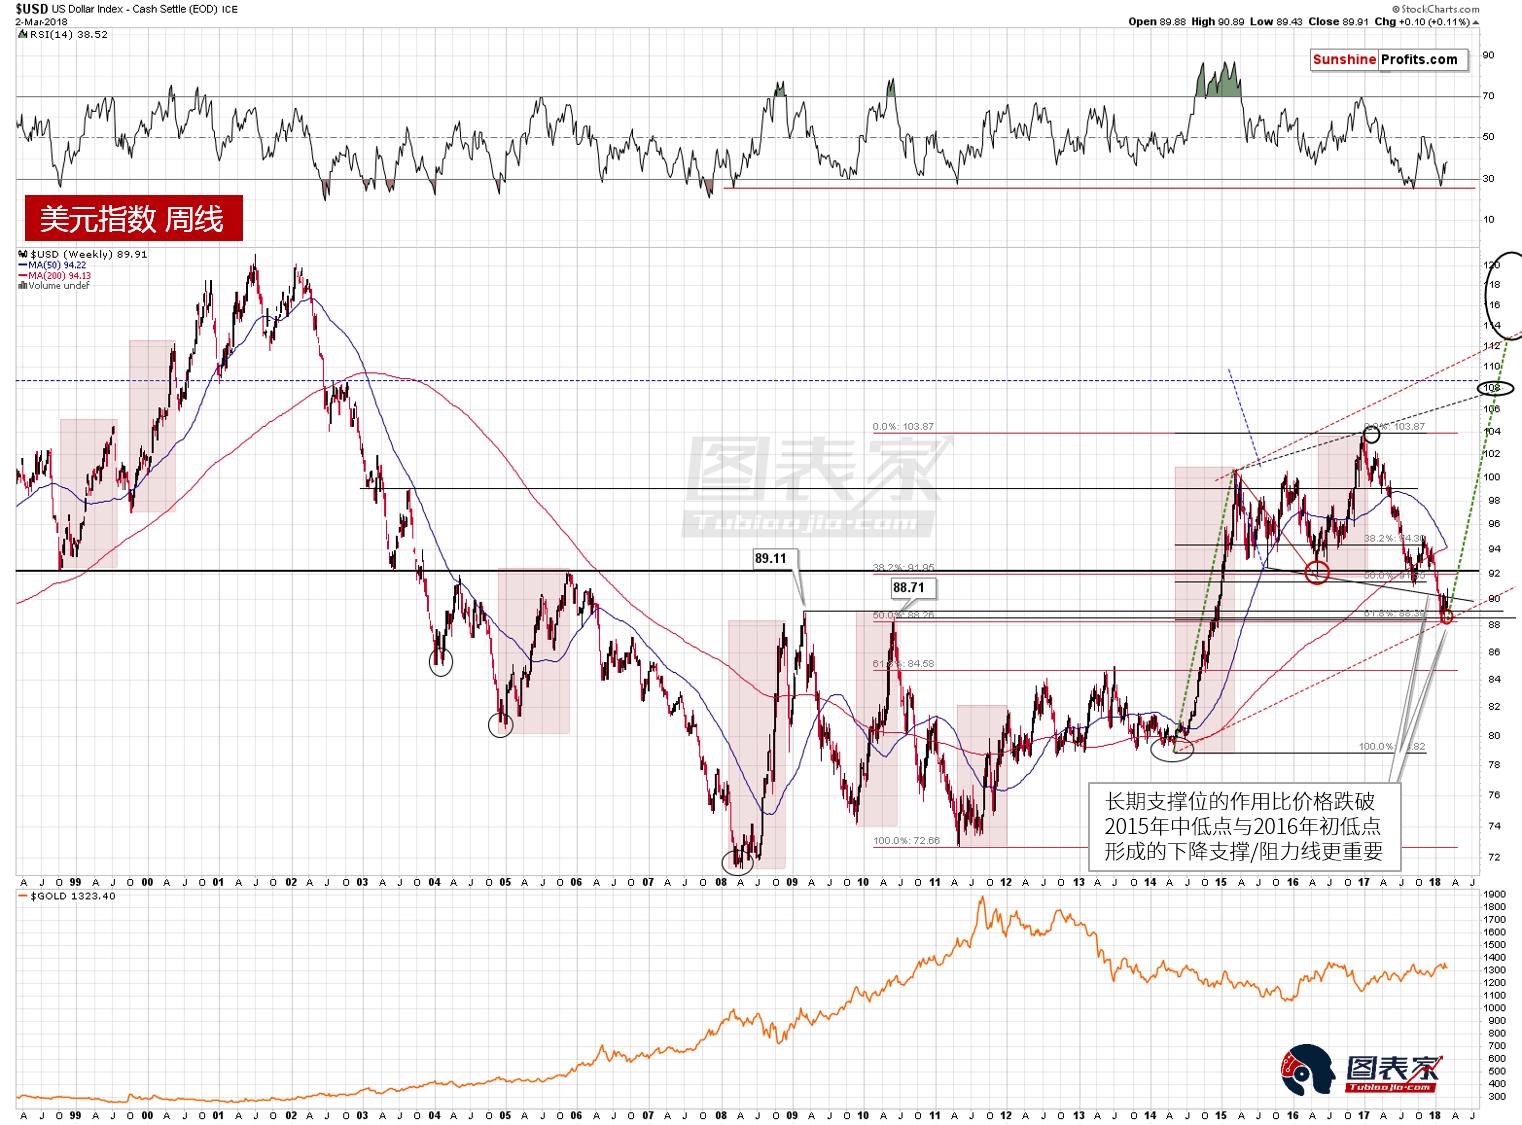 需要注意的是,美元指数下方存在比前述中期支撑/阻力线更强劲的共振支撑,因此,上周价格收于中期趋势线下方只有短期意义,而非长期。